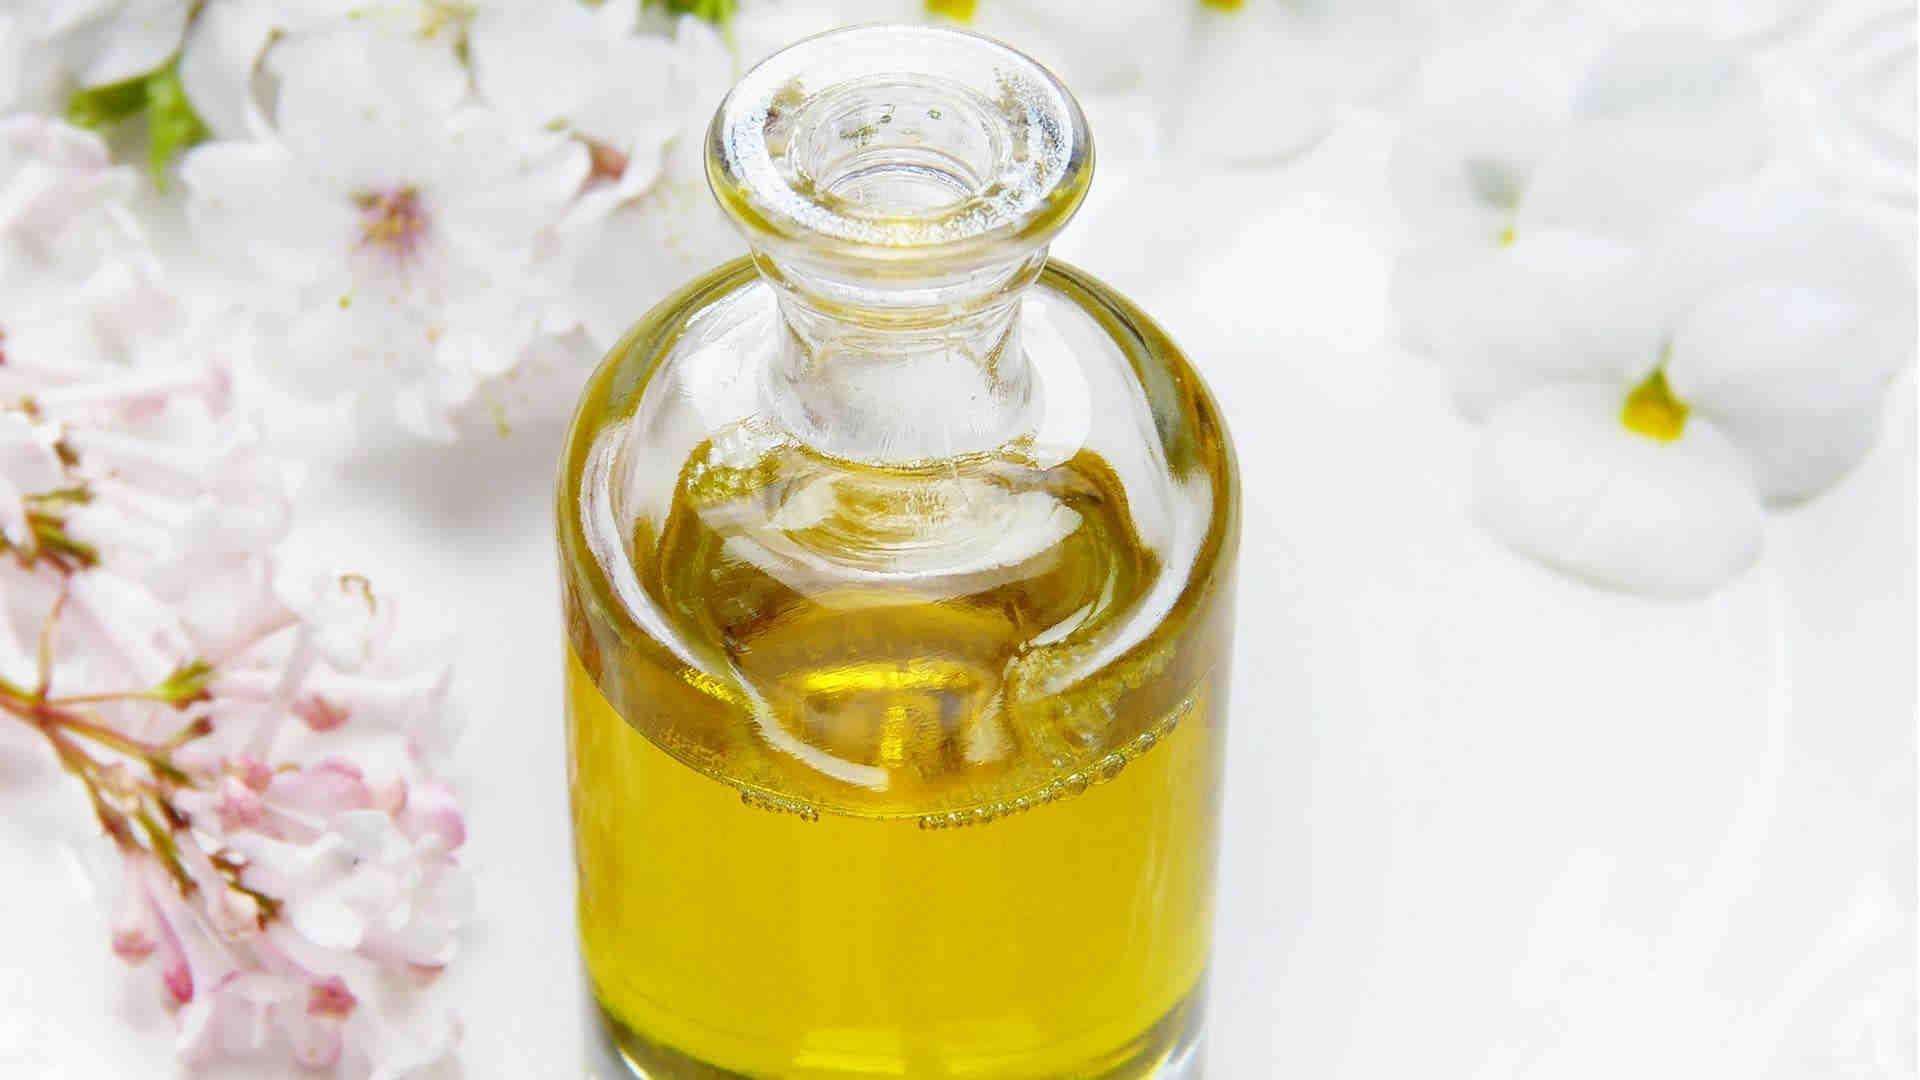 le proprietà dell'olio d'oliva